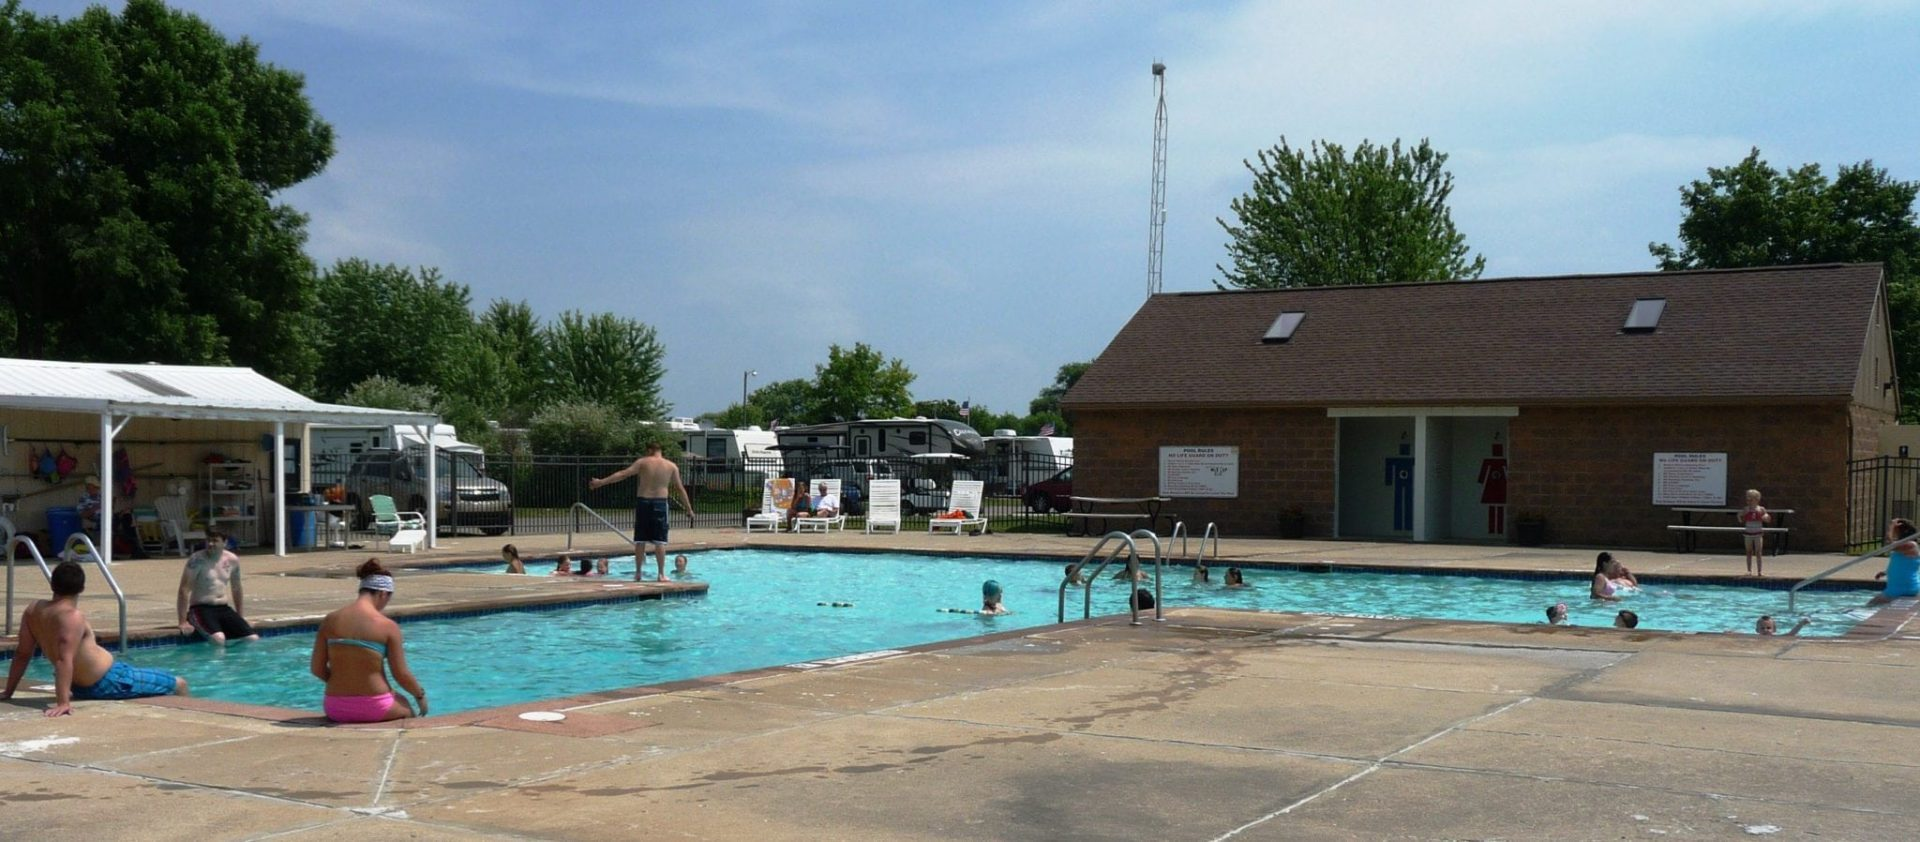 Refreshing Dip In The Pool Feels Cool Greenwood Acres